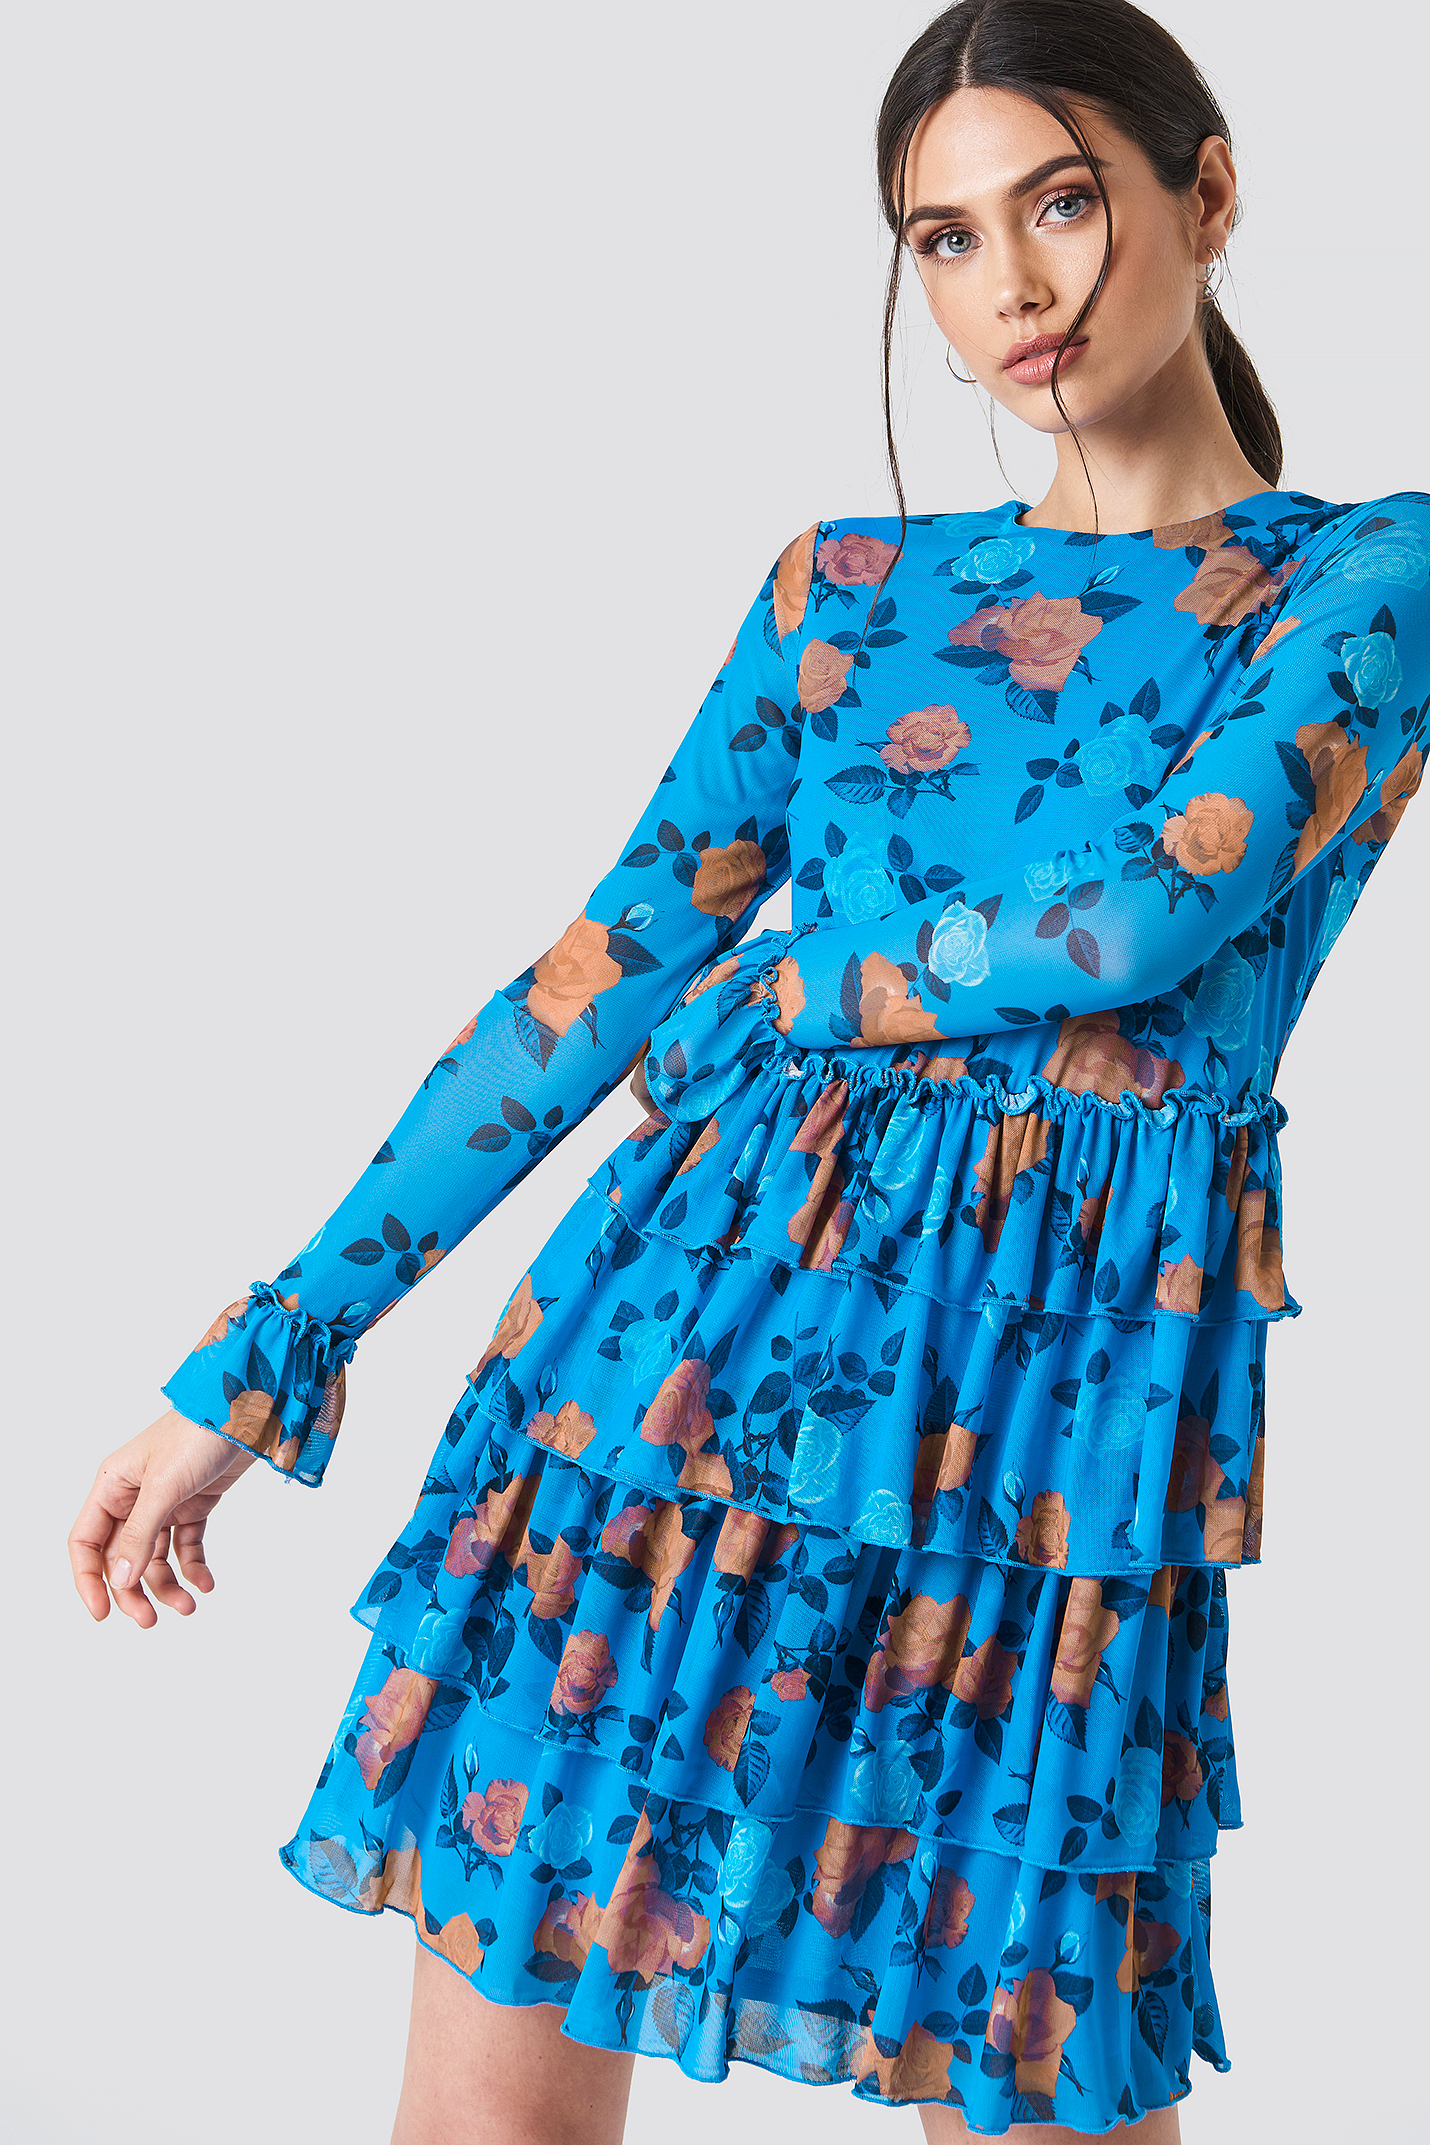 boutique NA-KD Mesh Flounce Short Dress Style De Mode Pas Cher L'offre De Réduction La Sortie En Vogue FlJOF